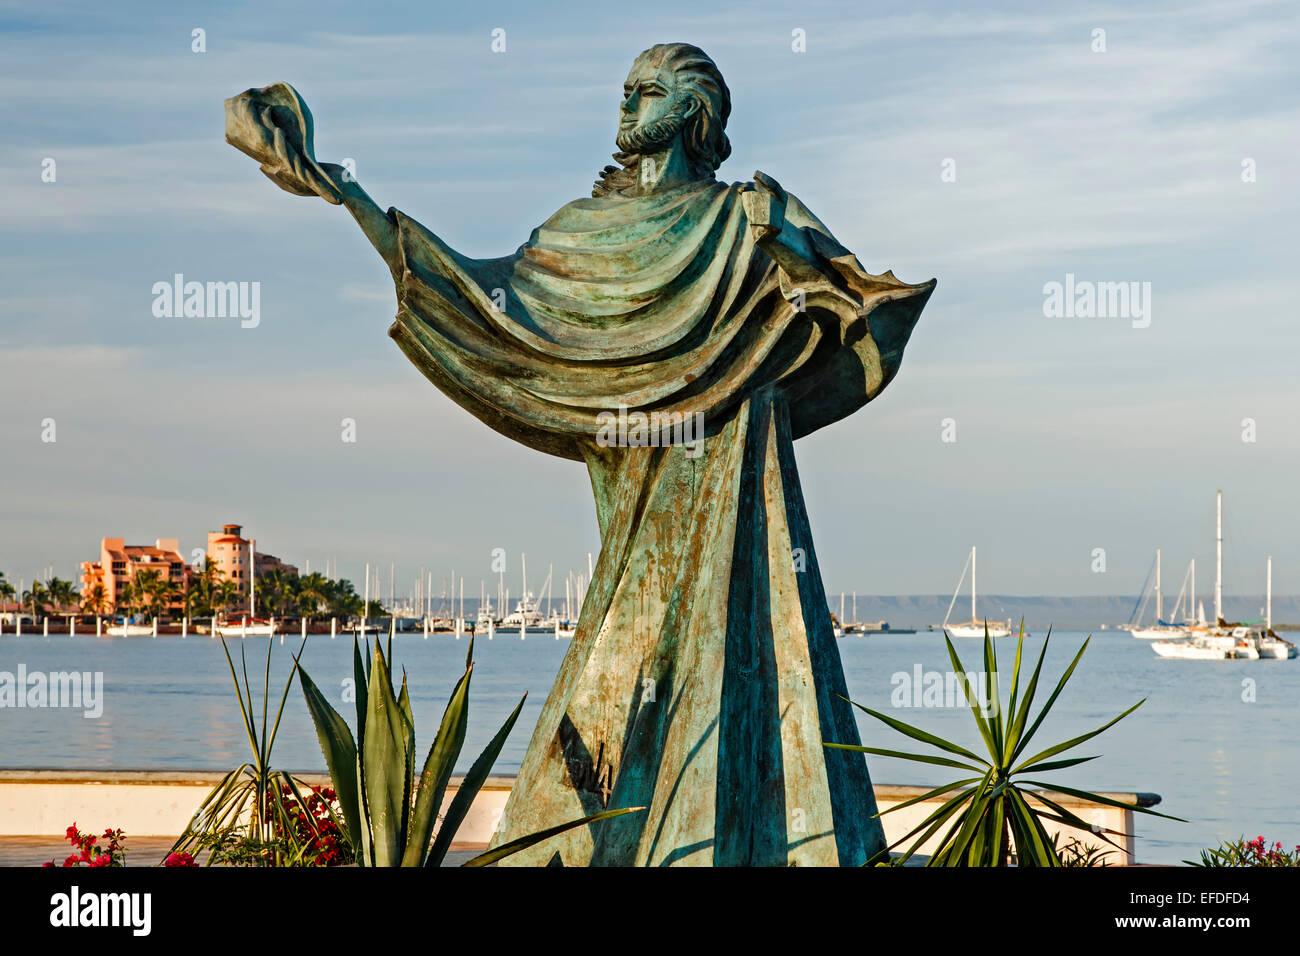 Sculpture de personne tenant une coquille et bay, Malecon (promenade du bord de mer), La Paz, Baja California Sur, Photo Stock